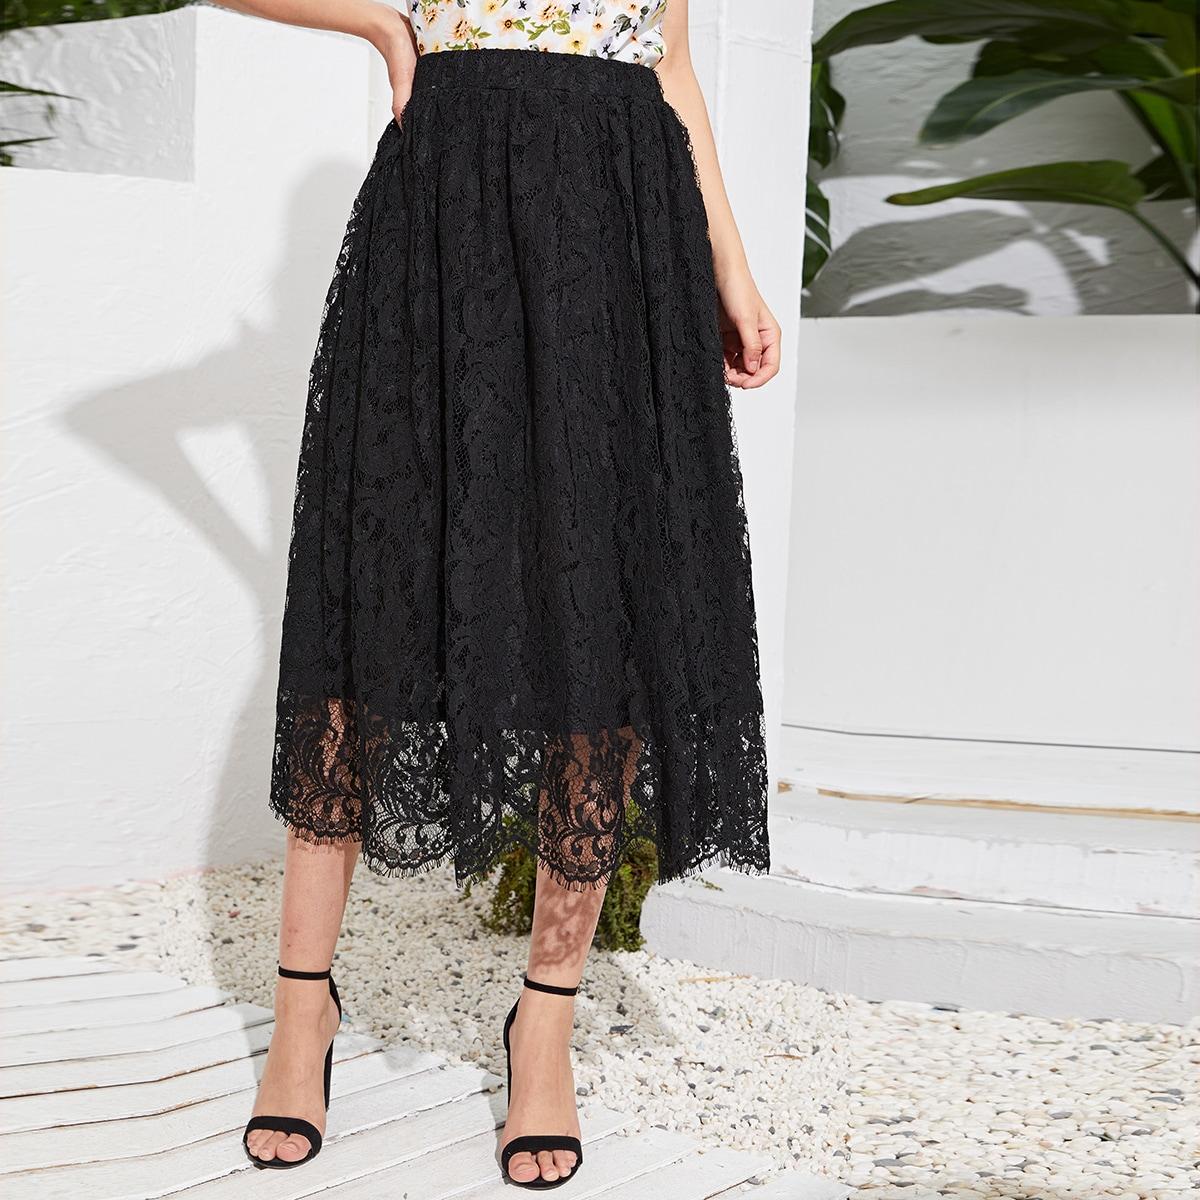 Кружевная юбка с эластичной талией